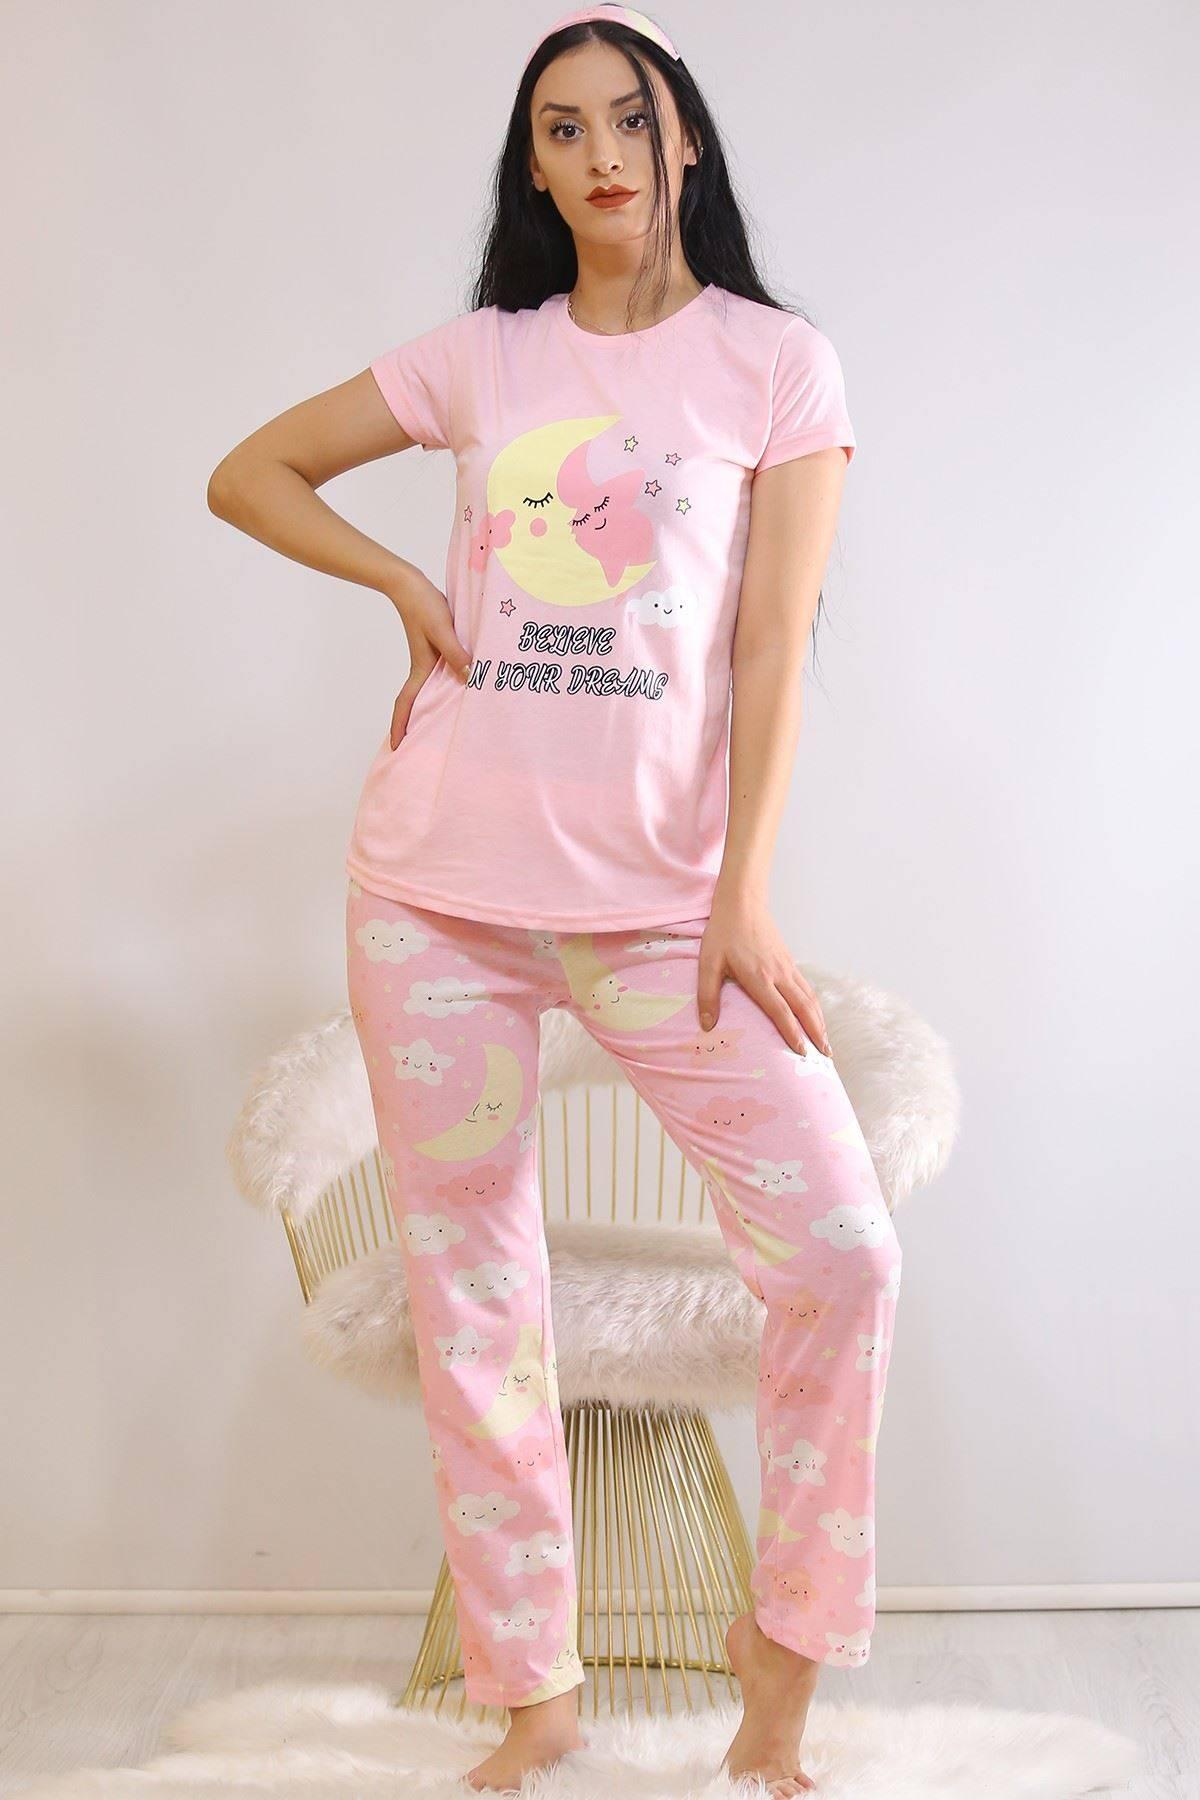 Baskılı Pijama Takımı Pembe - 21835.1059.